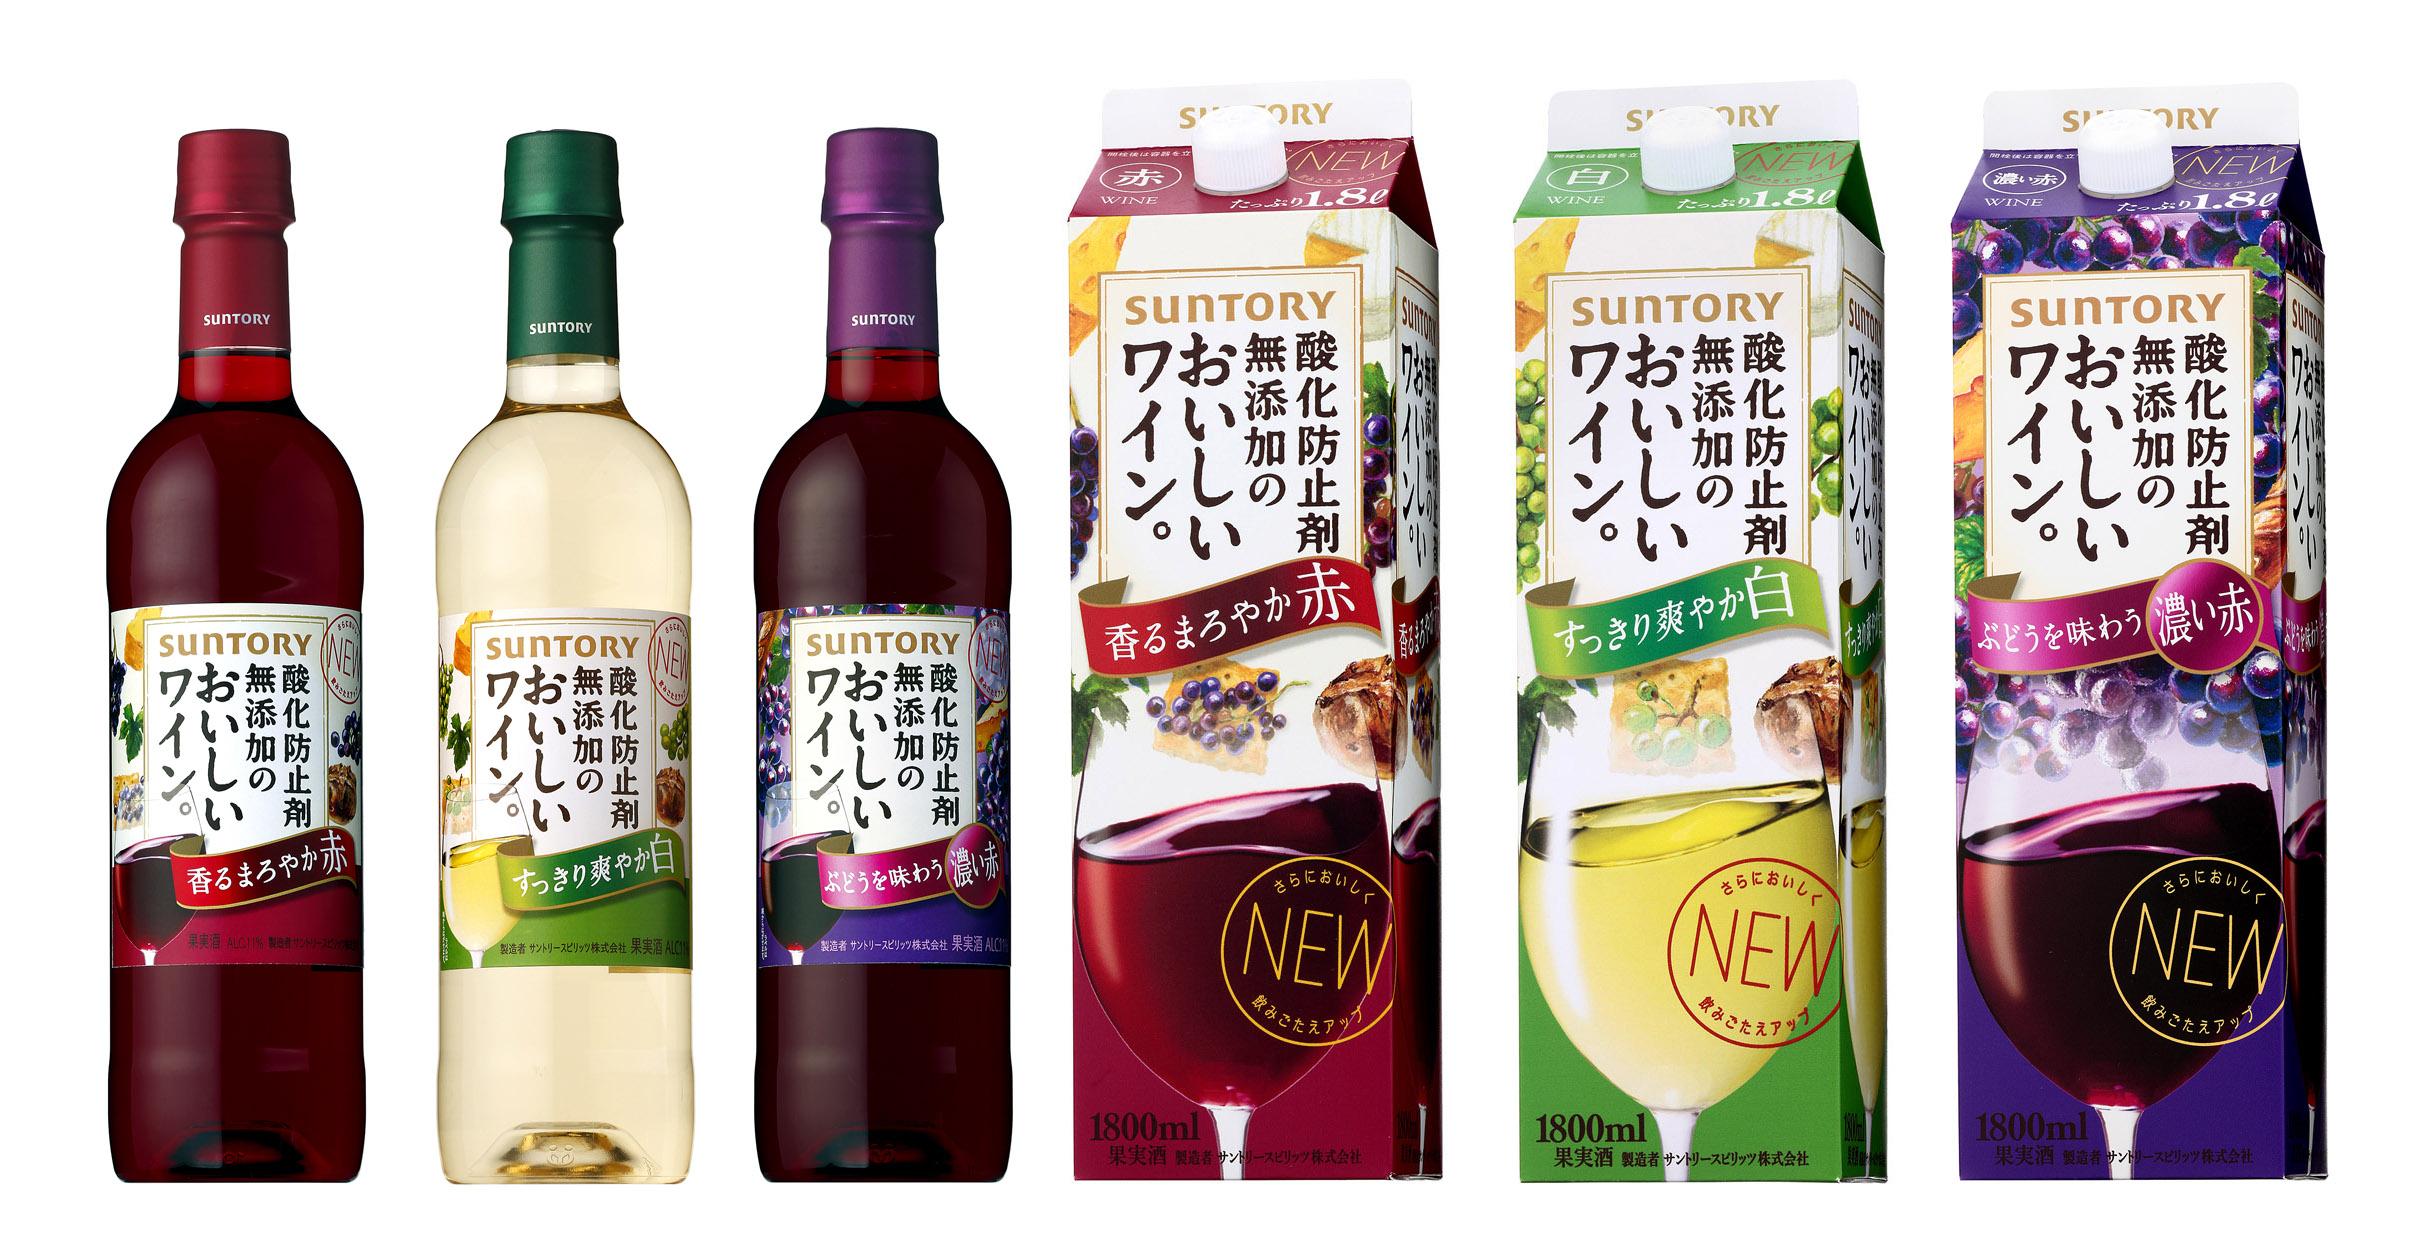 格付けチェックで安物ワインを飲んだYOSHIKIのコメントに絶賛の嵐。「これこそ真の一流芸能人…」  [741292766]YouTube動画>13本 ->画像>41枚